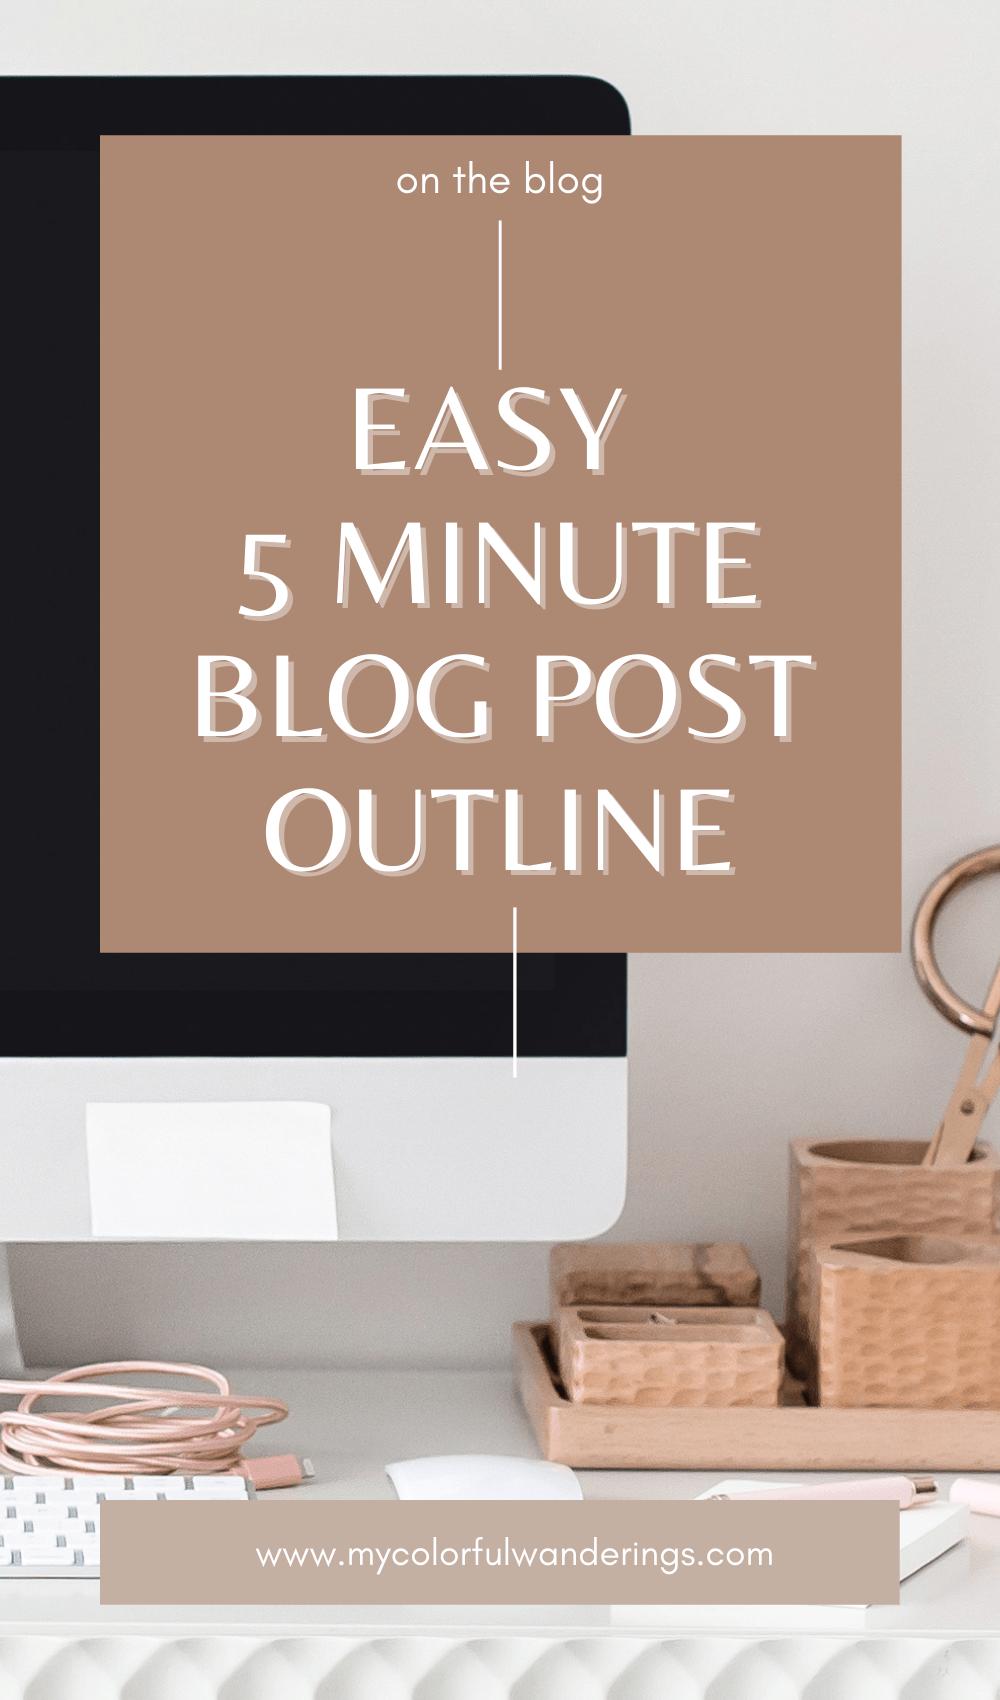 5 Minute Easy Blog Post Outline